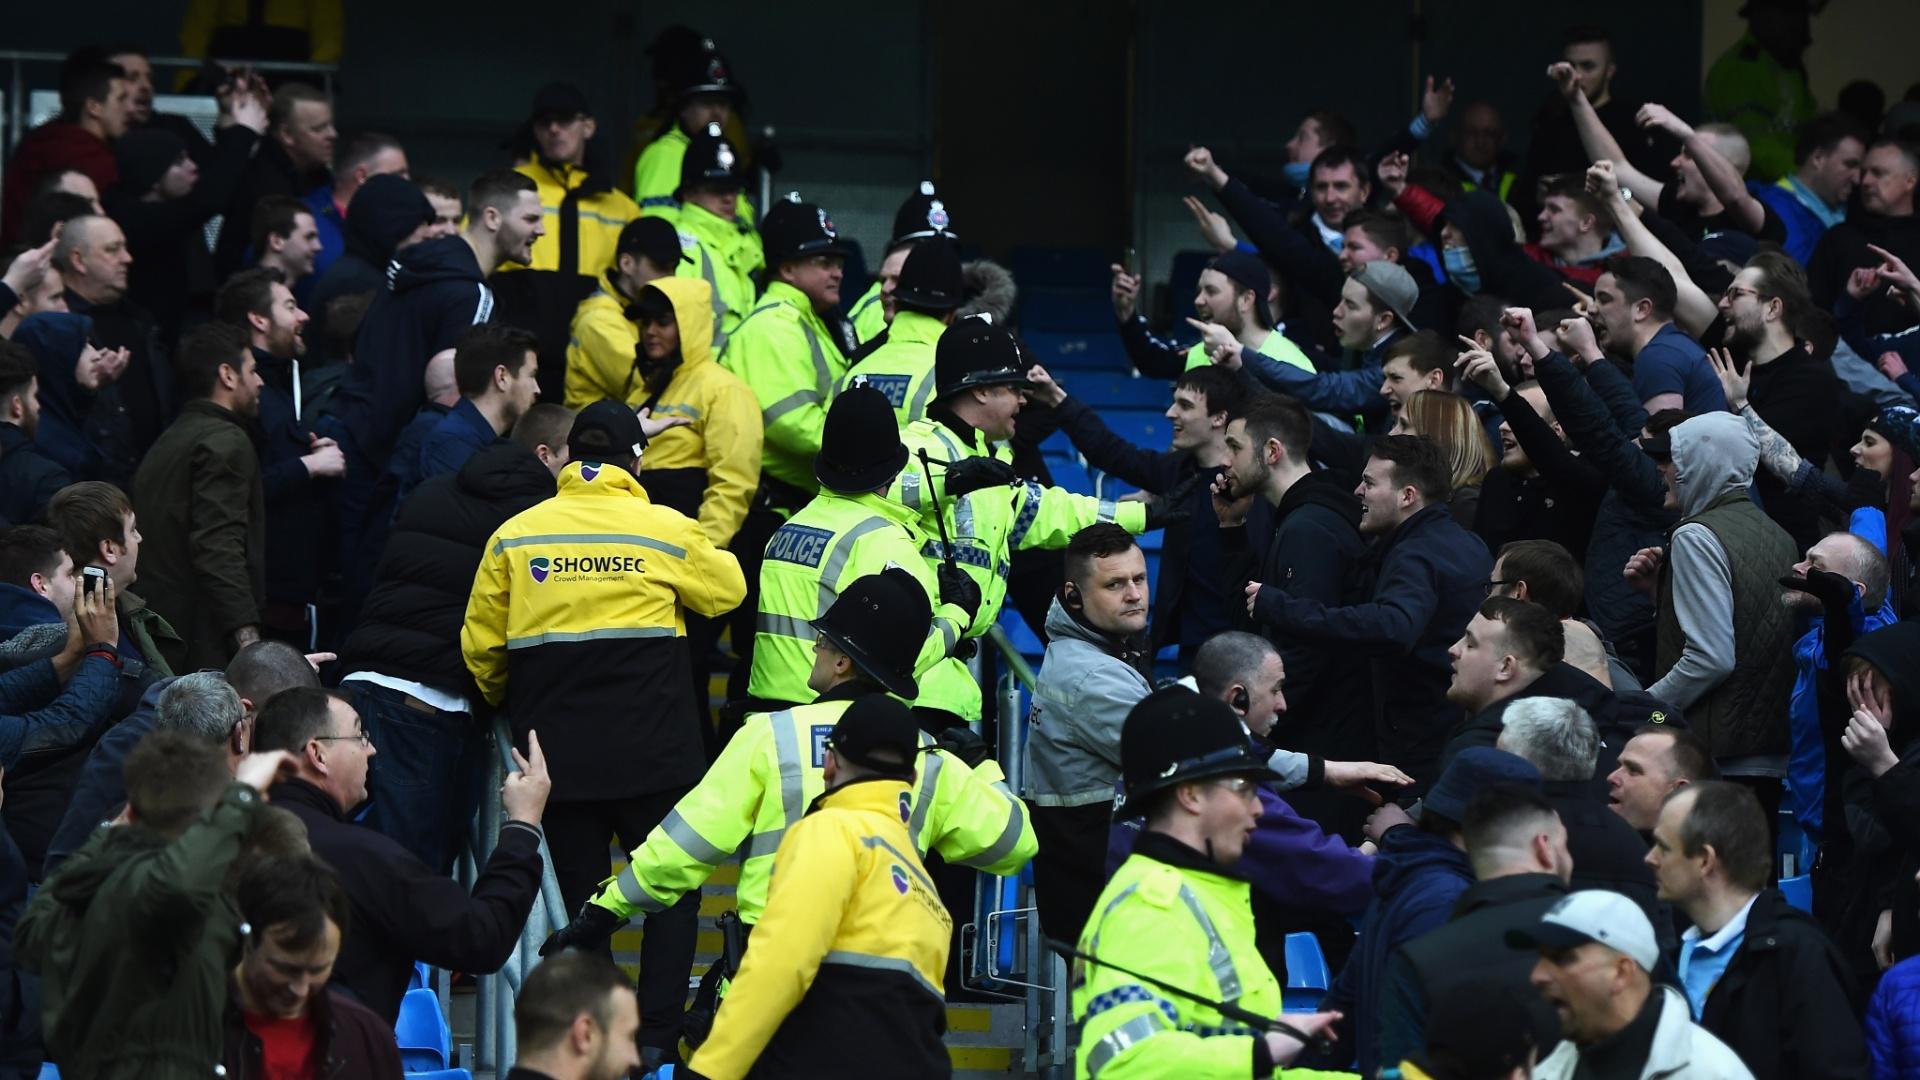 Briga entre as torcidas de Manchester United e Manchester City